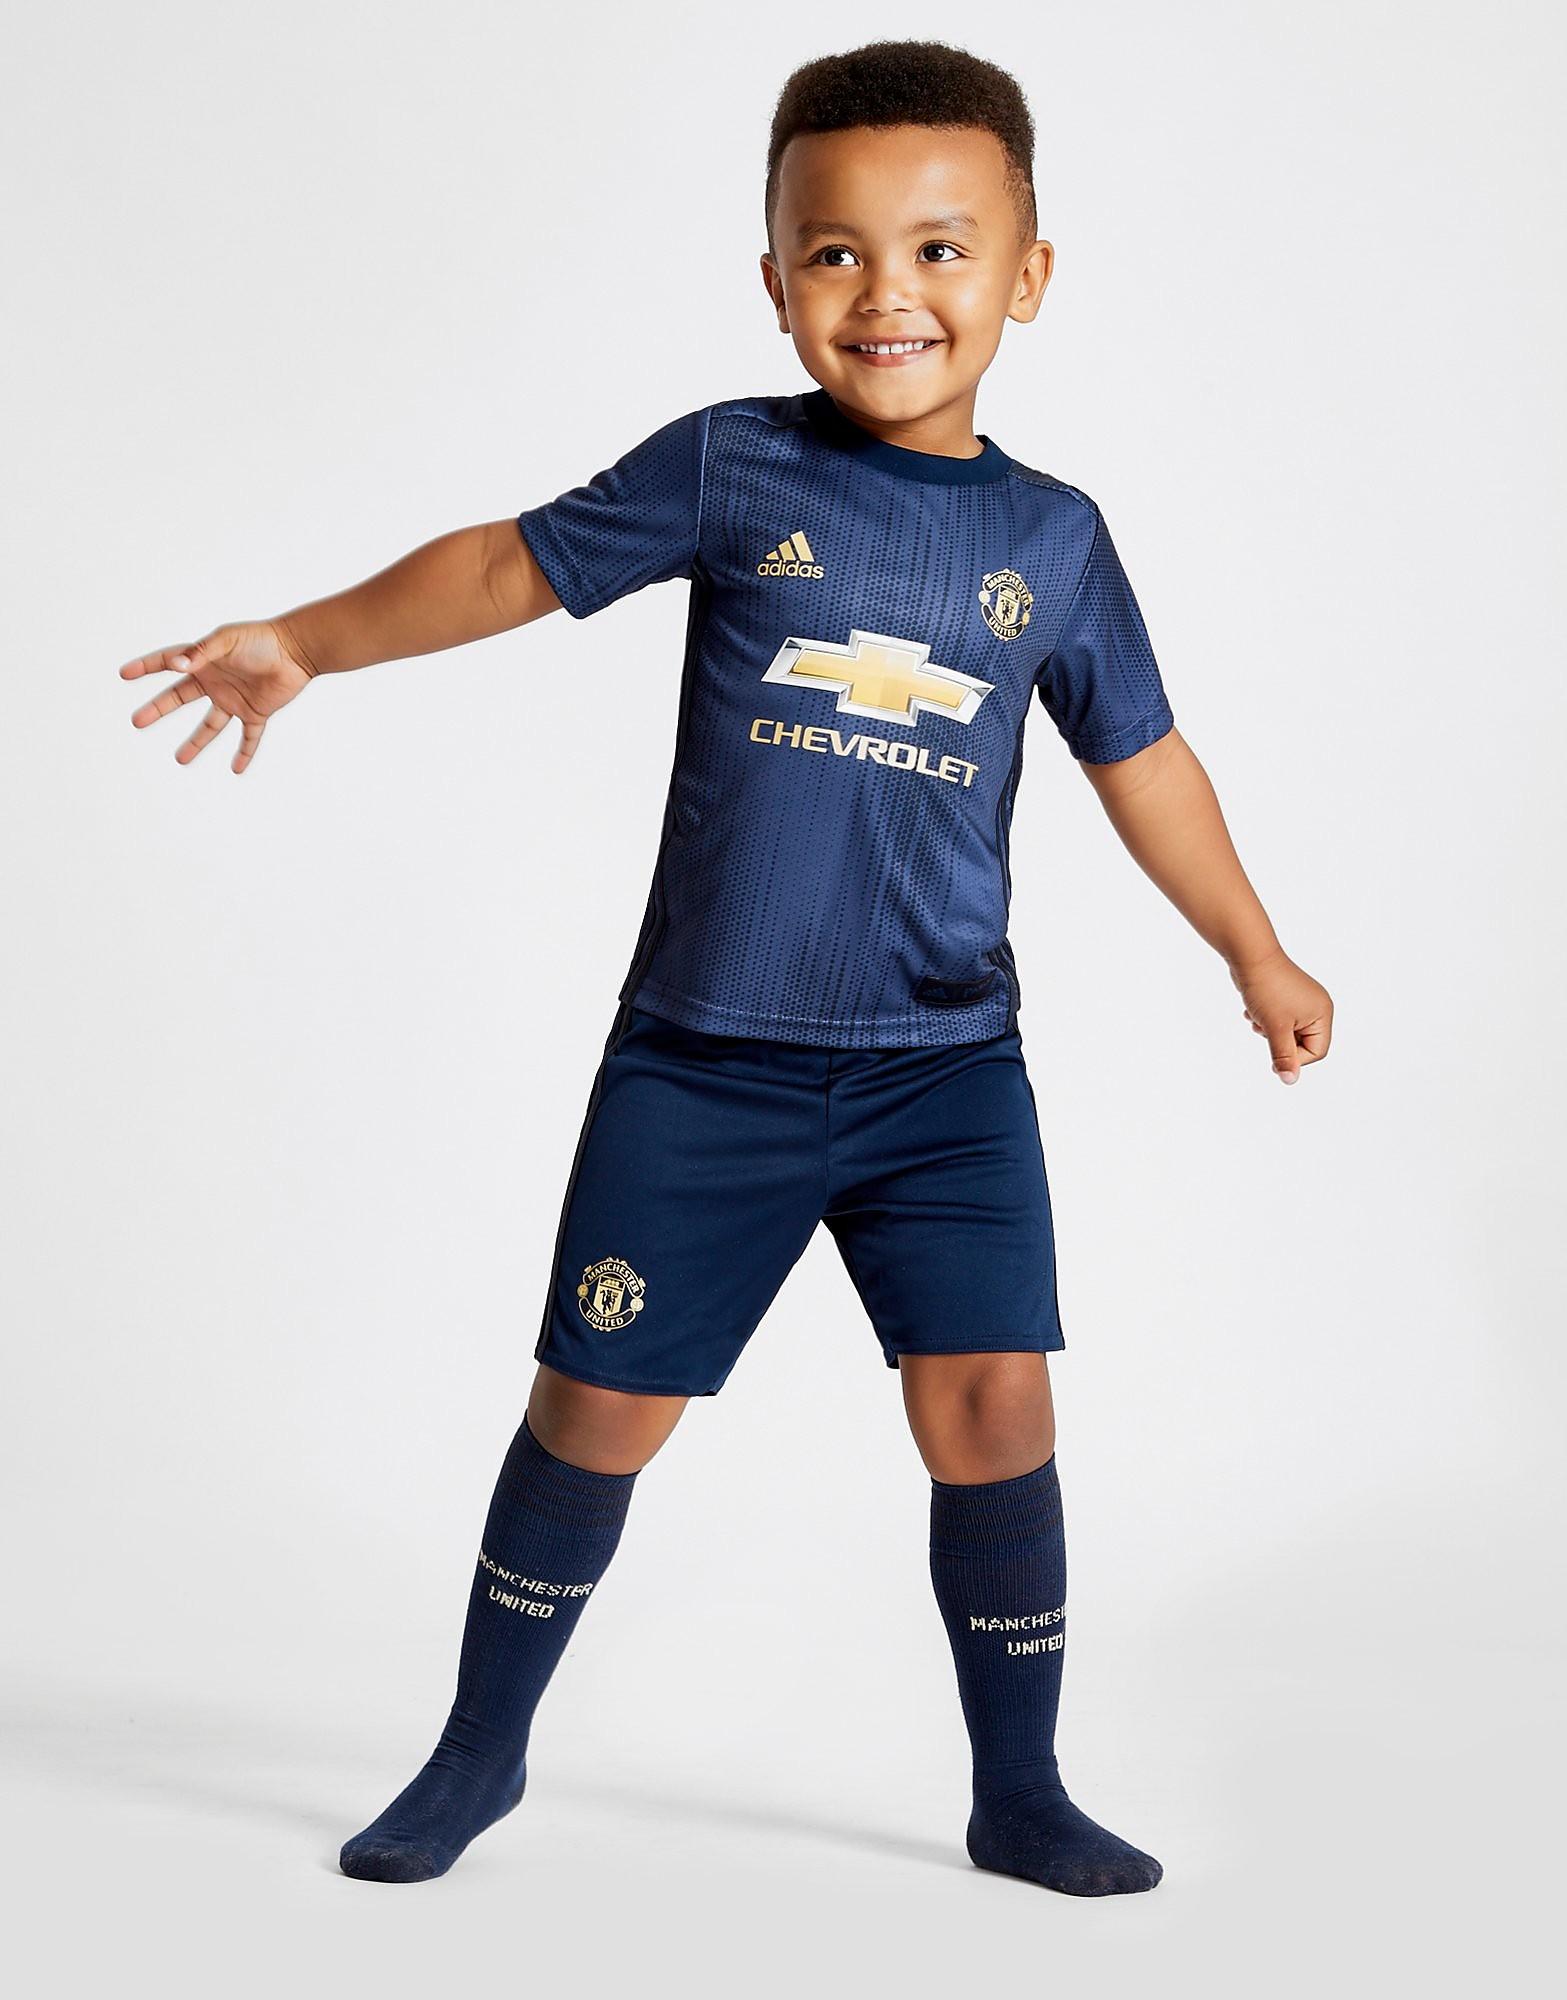 adidas Troisième kit Manchester United 2018/19 Enfant